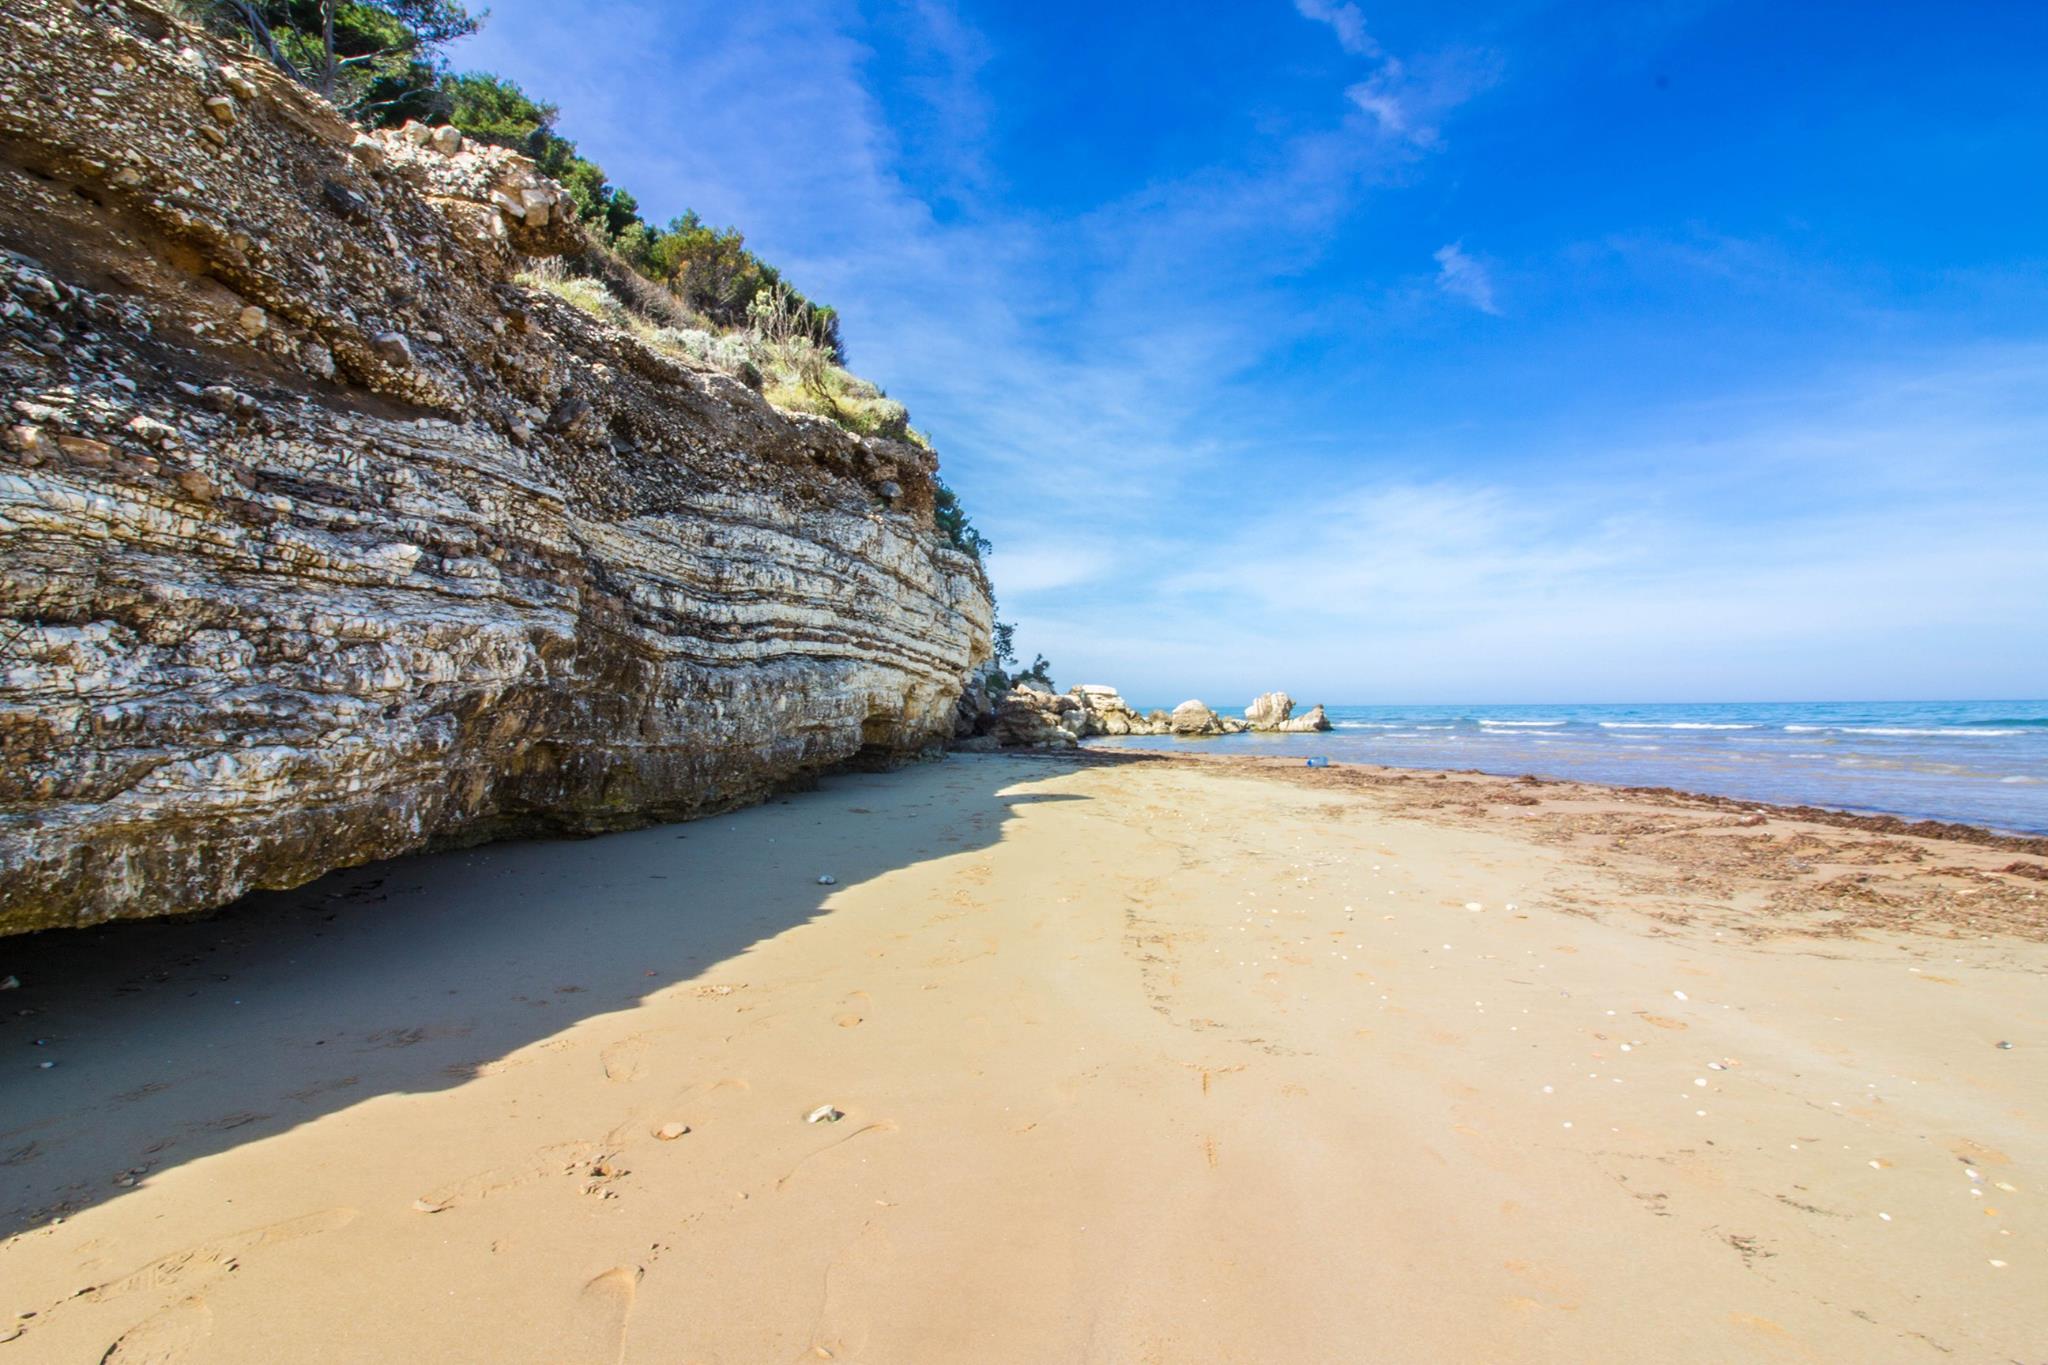 Calenella Bay